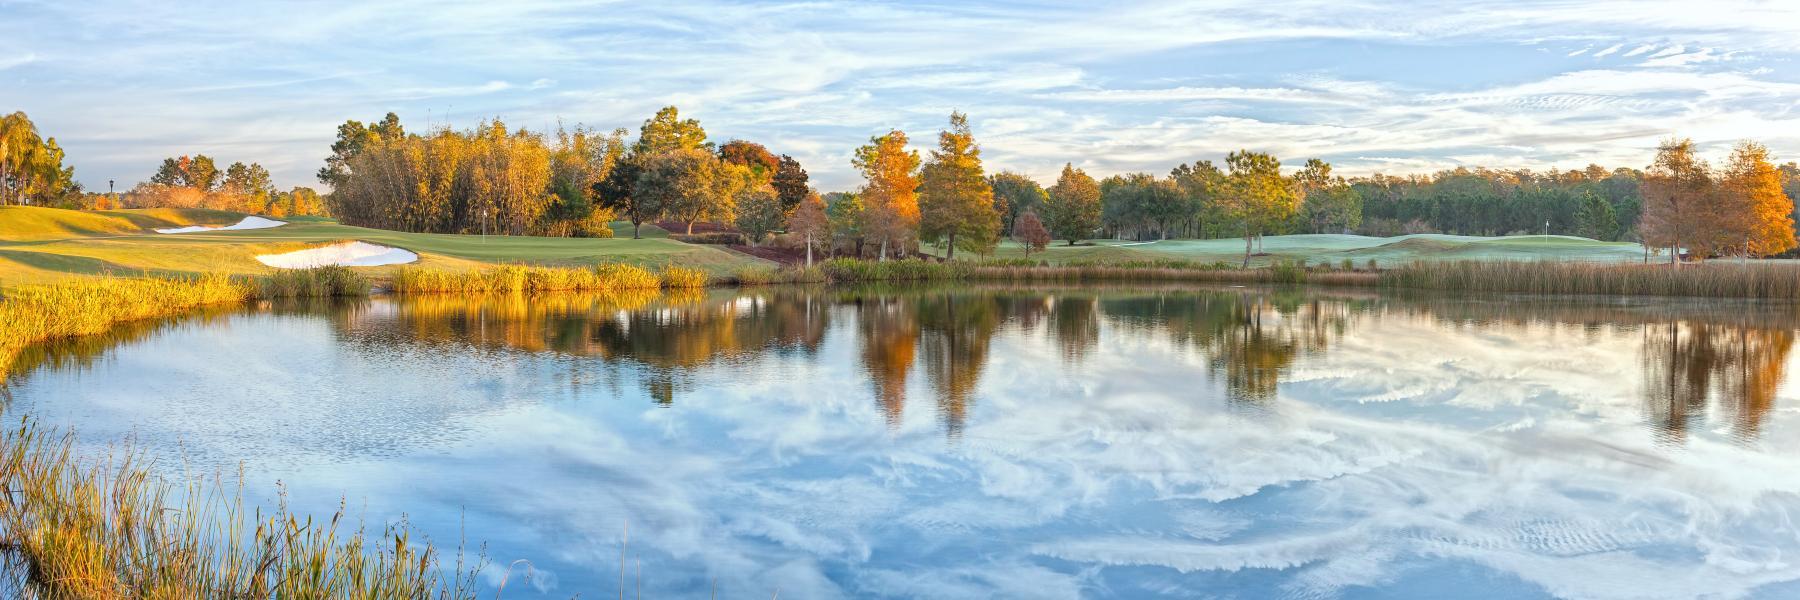 Shingle Creek Golf Club - Hole 6